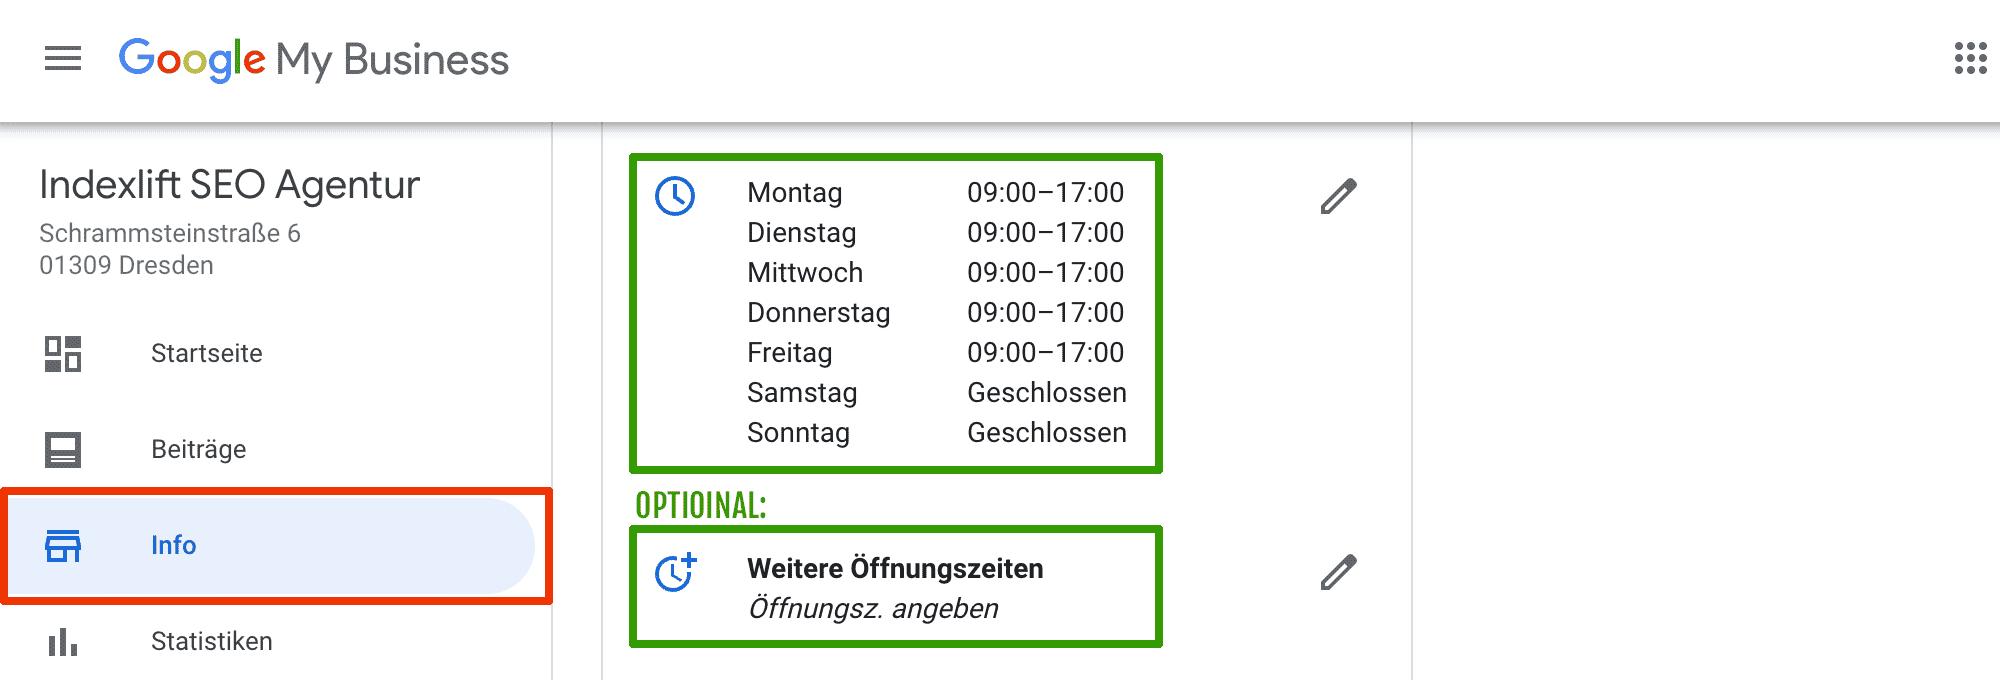 Google My Business-Eintrag: Öffnungszeiten angeben